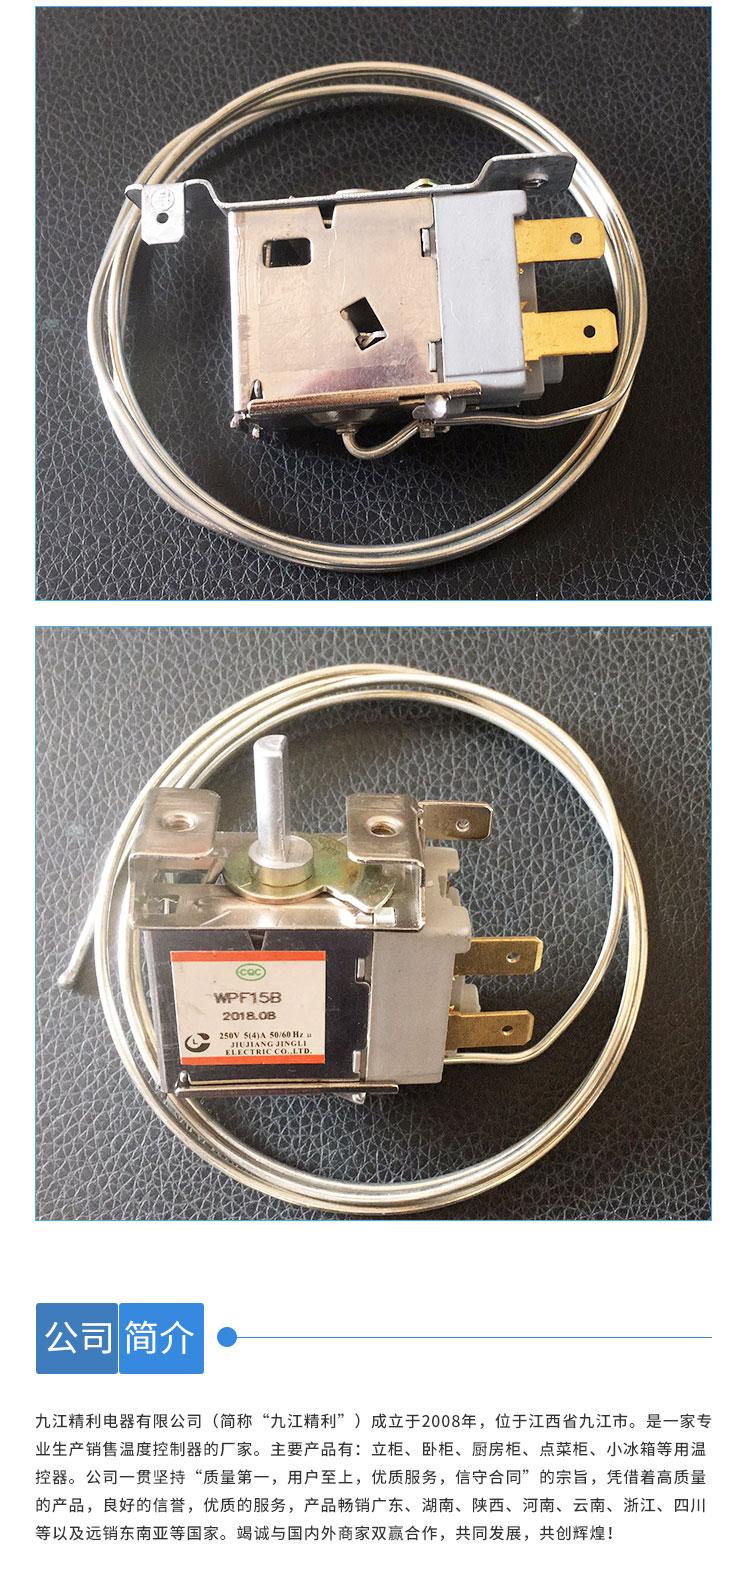 九江精利温度控制器供应商   温度控制器供应商批发电话  温度控制器厂家销售地址